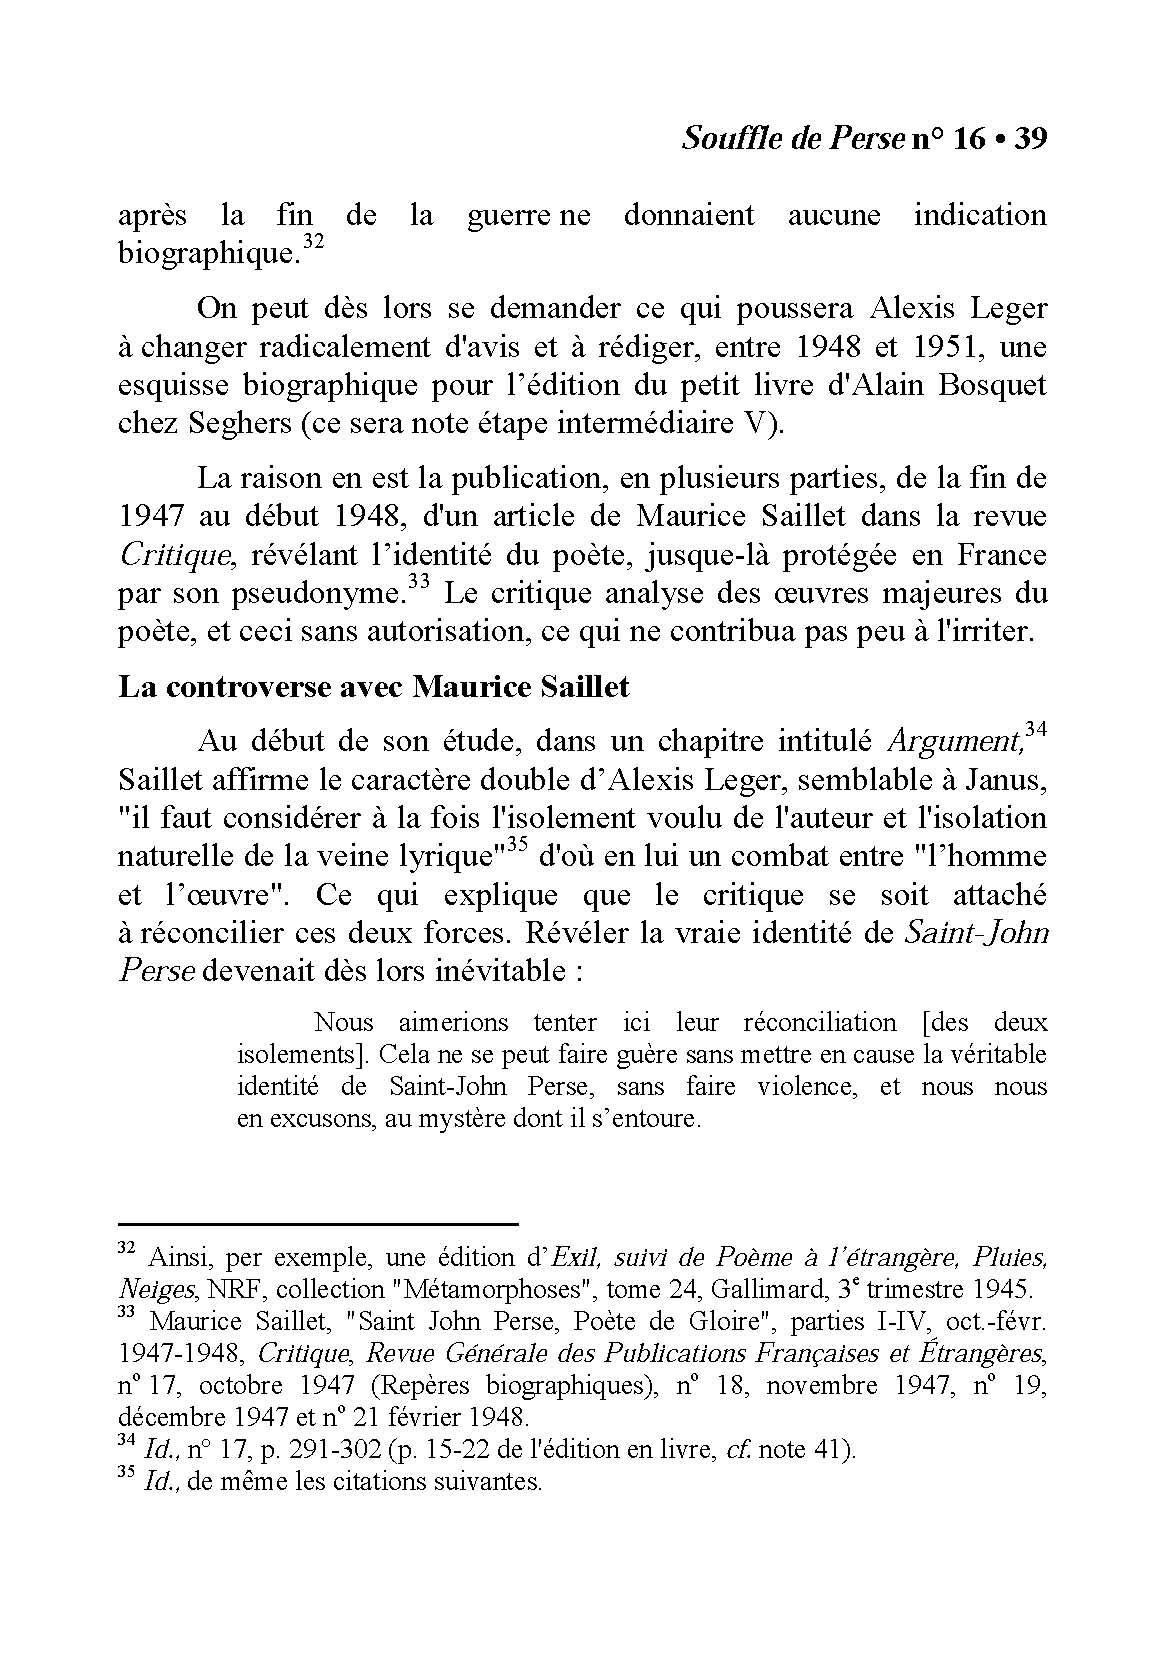 pages-de-souffle-n-16-p-29-a-50_page_11